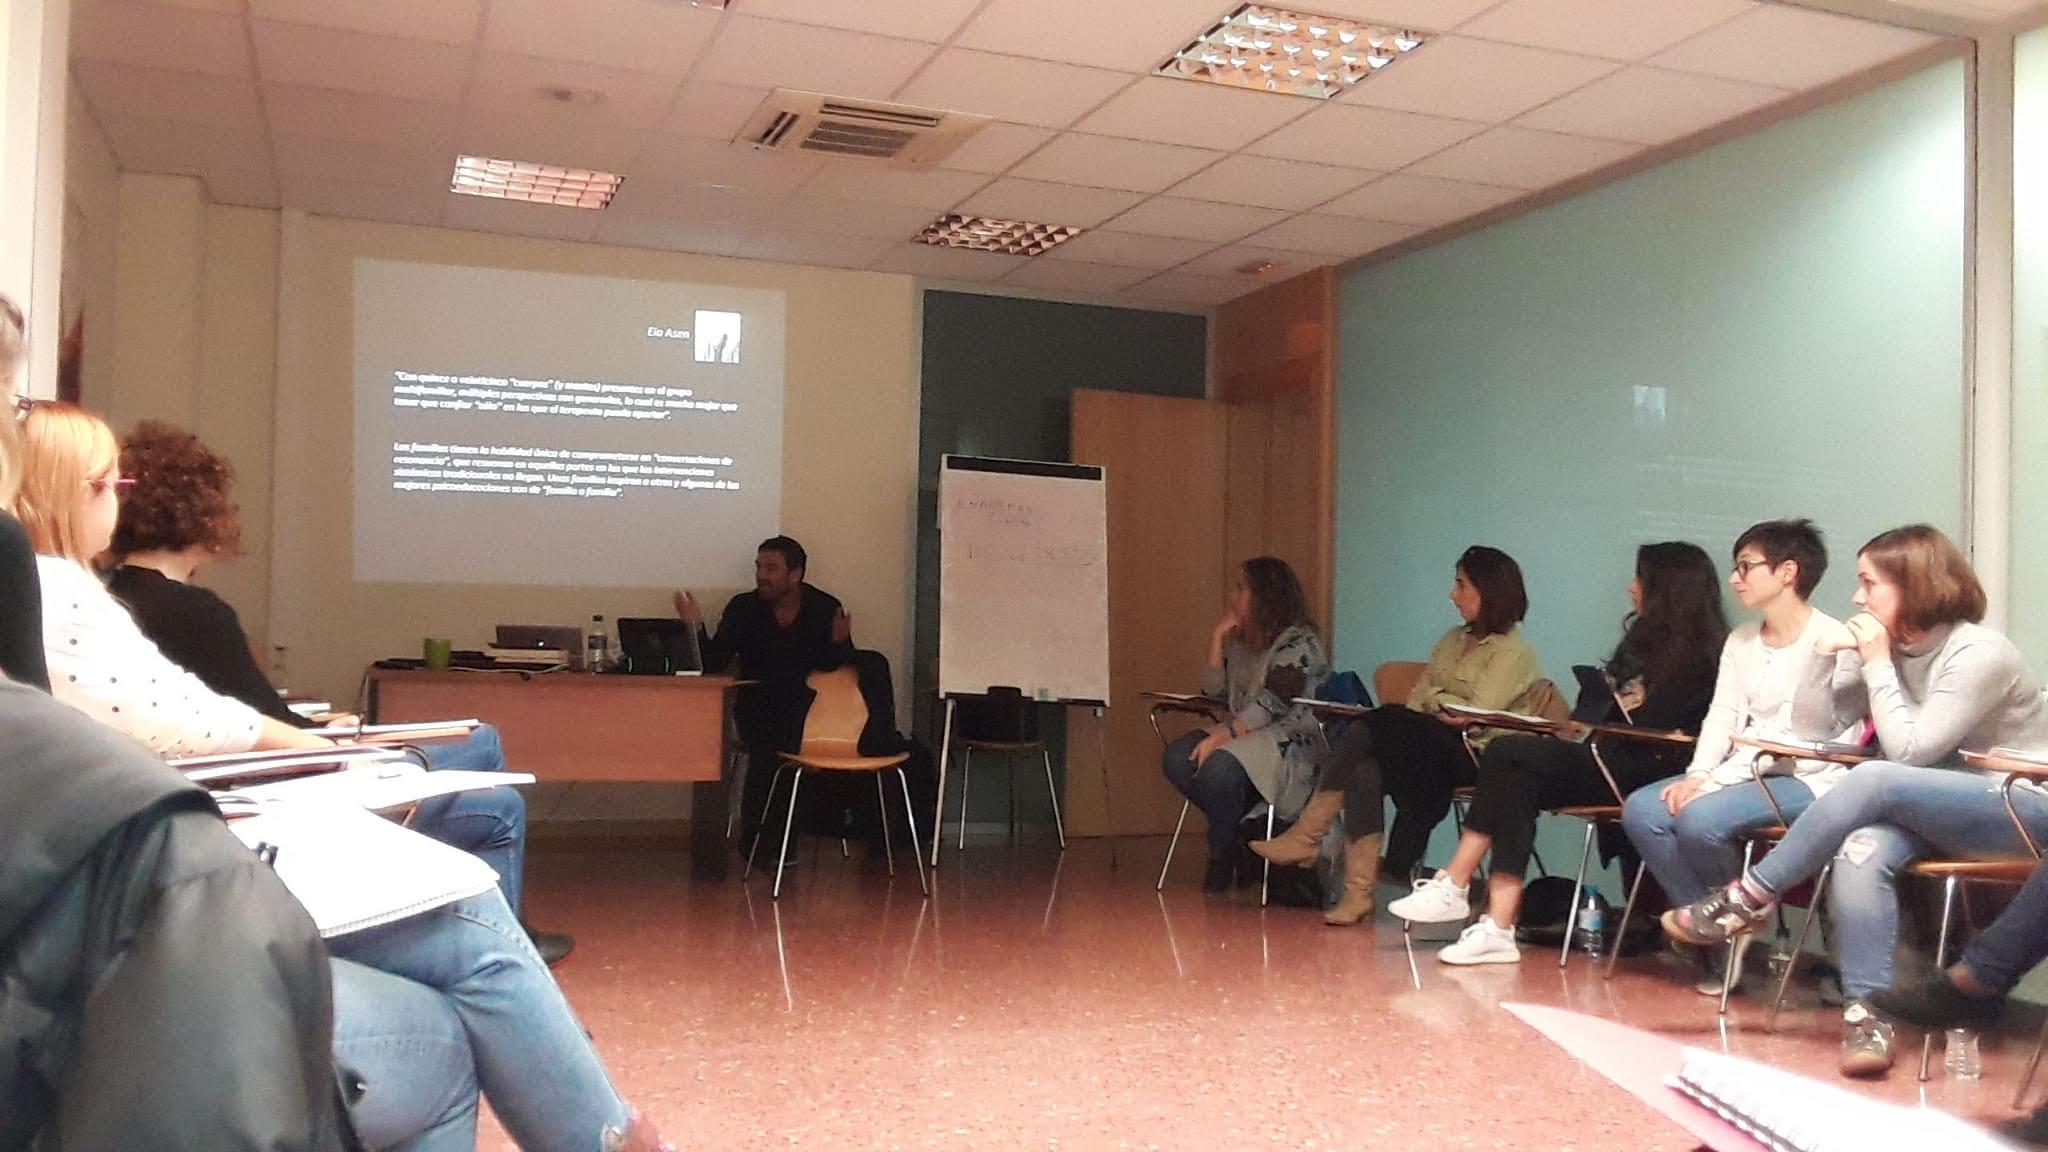 Comença la formació 'Expert en Intervencions Grupals i Multifamiliars' a Barcelona